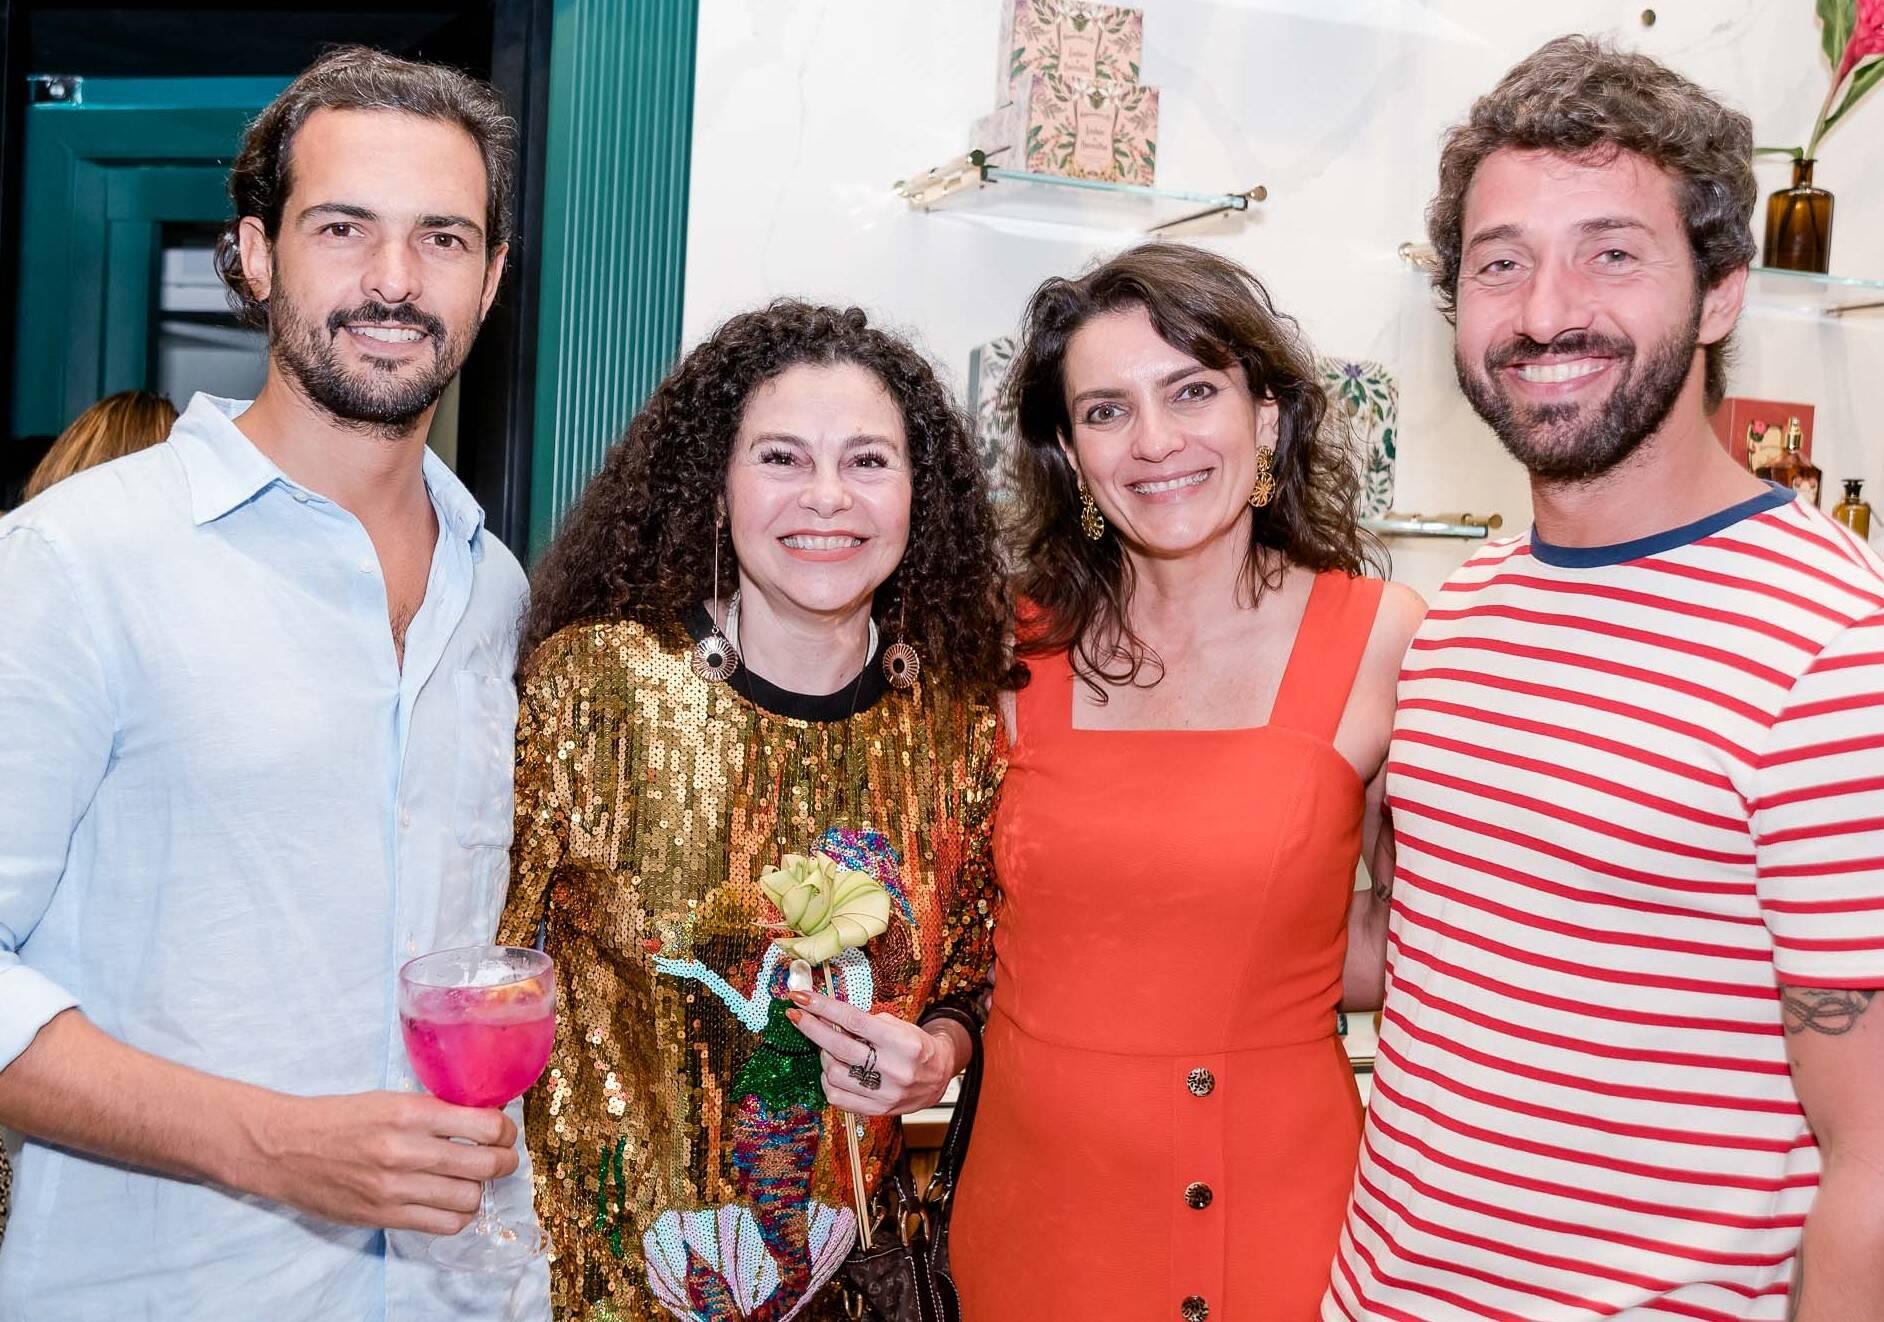 Gustavo Dale, Iara Figueiredo, Melissa Jannuzzi e Hermés Galvão  /Foto: Renato Wrobel